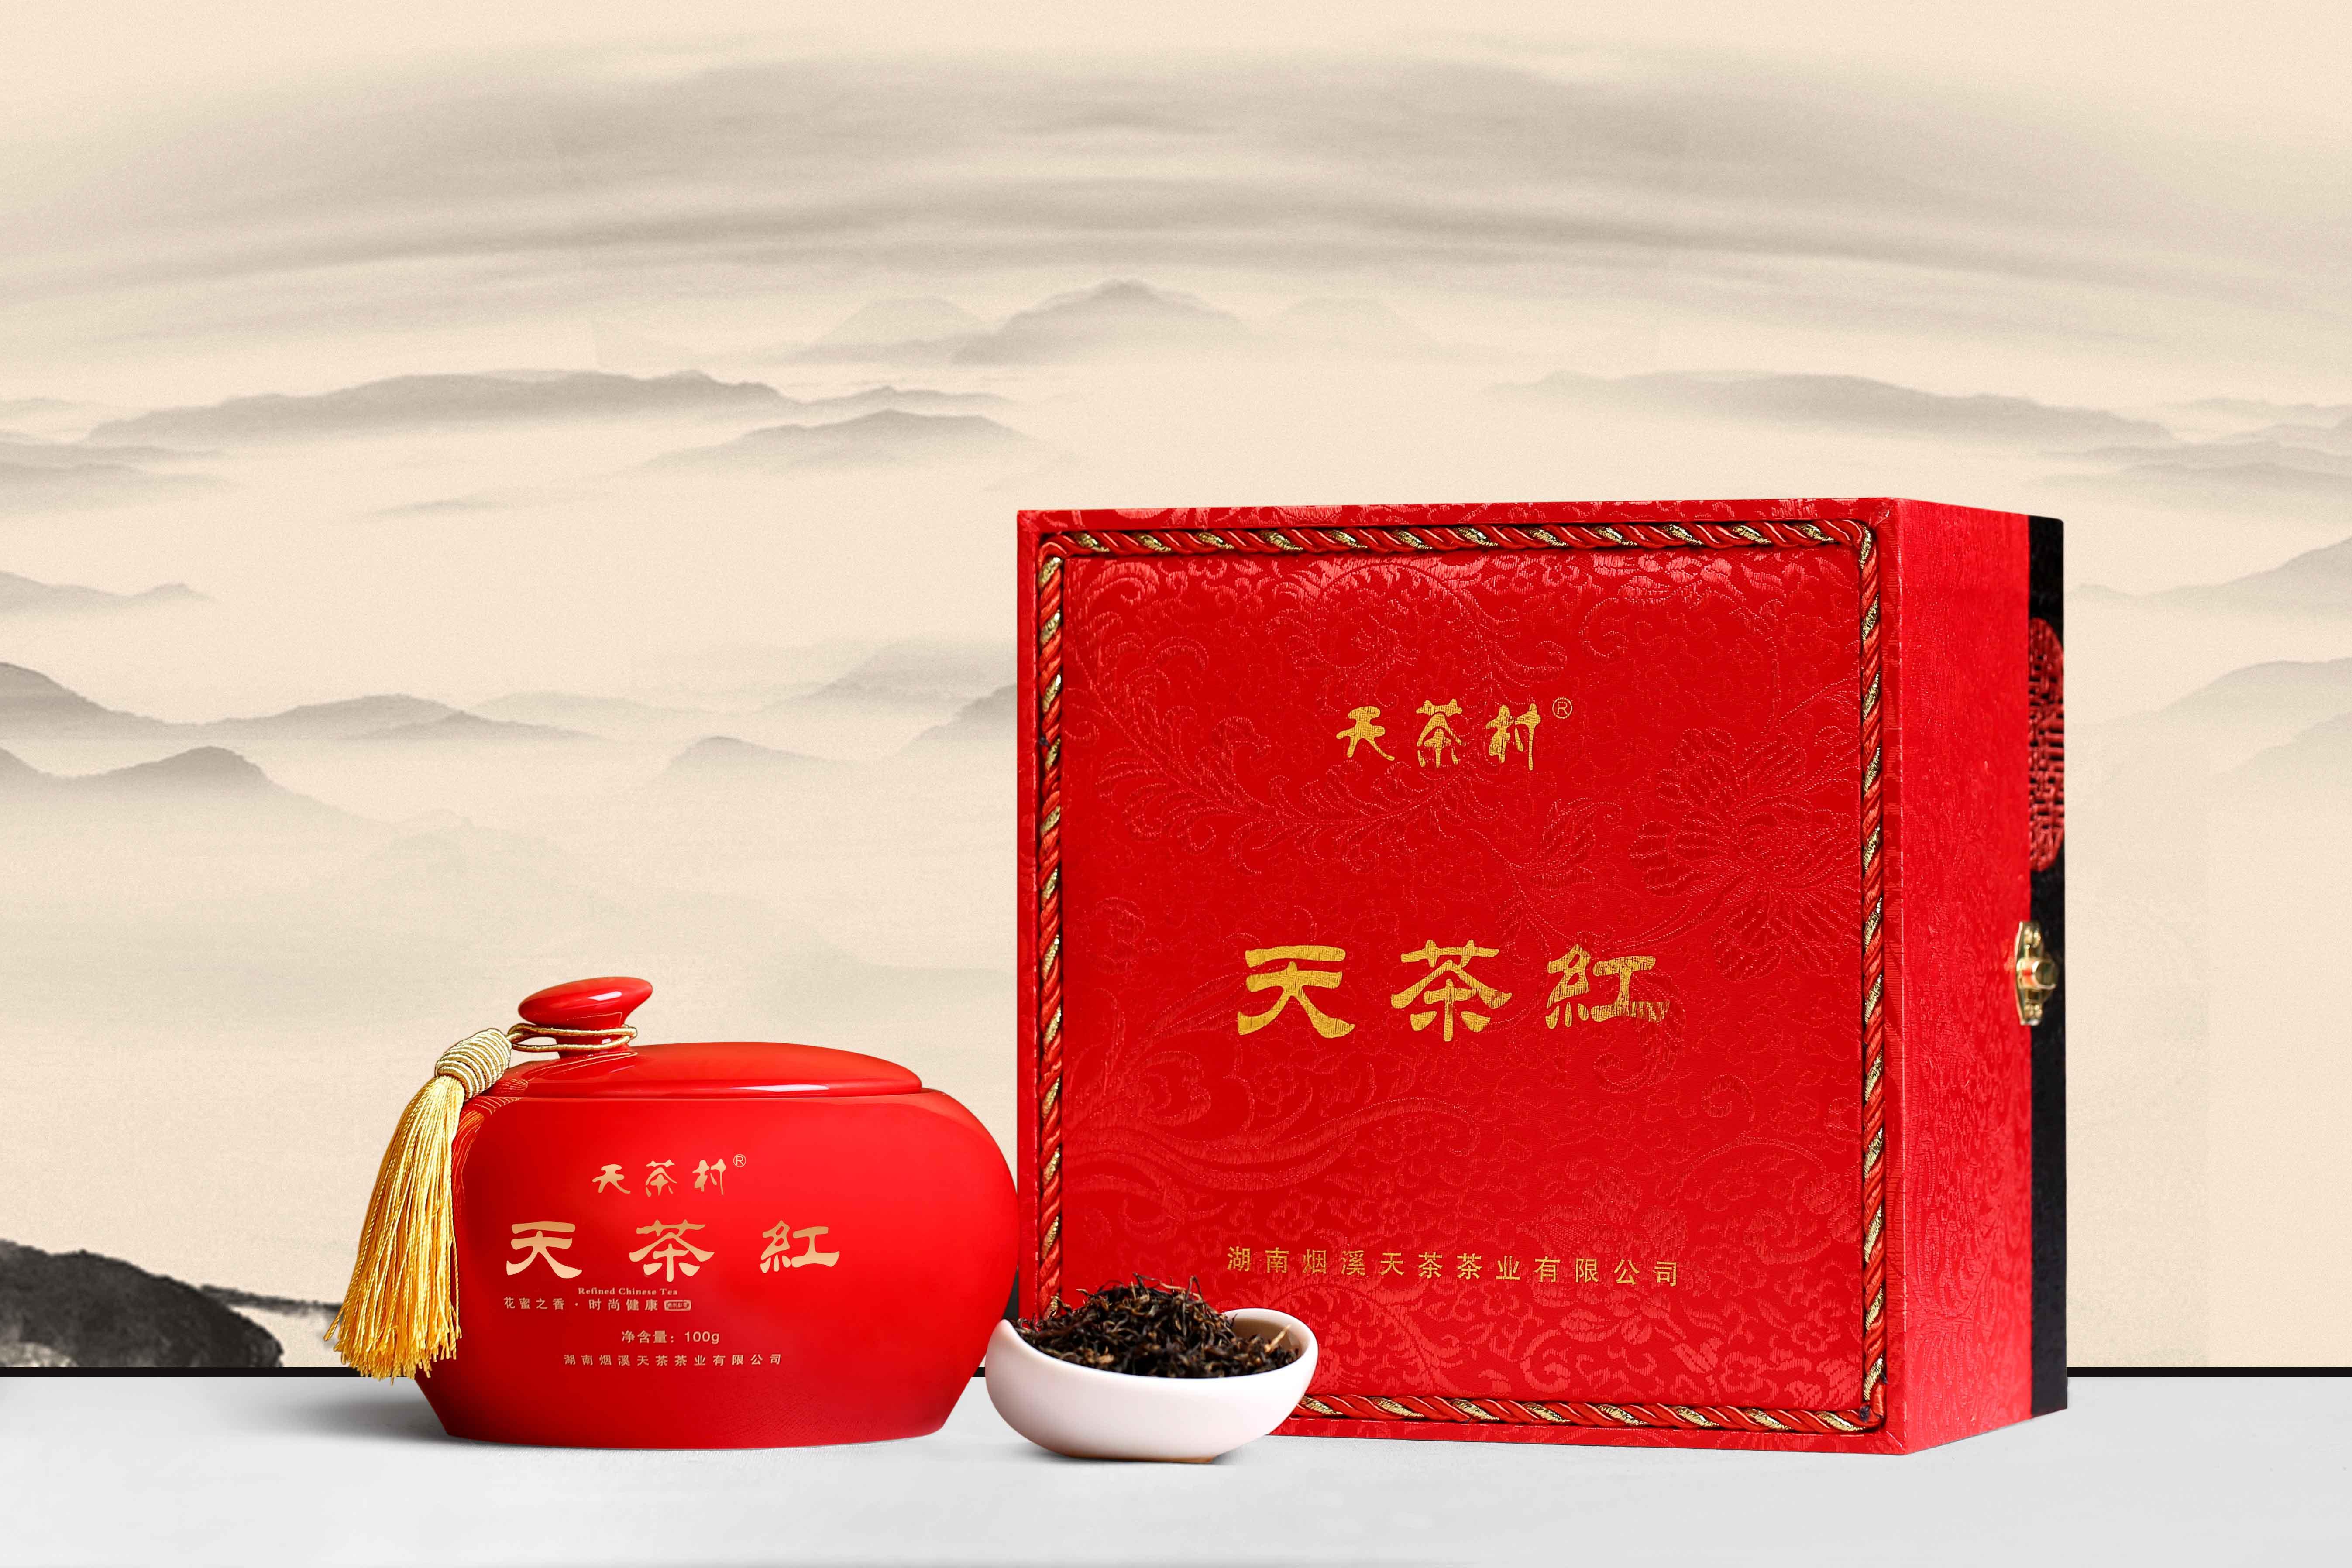 title='天茶园-天茶红红瓷坛装'